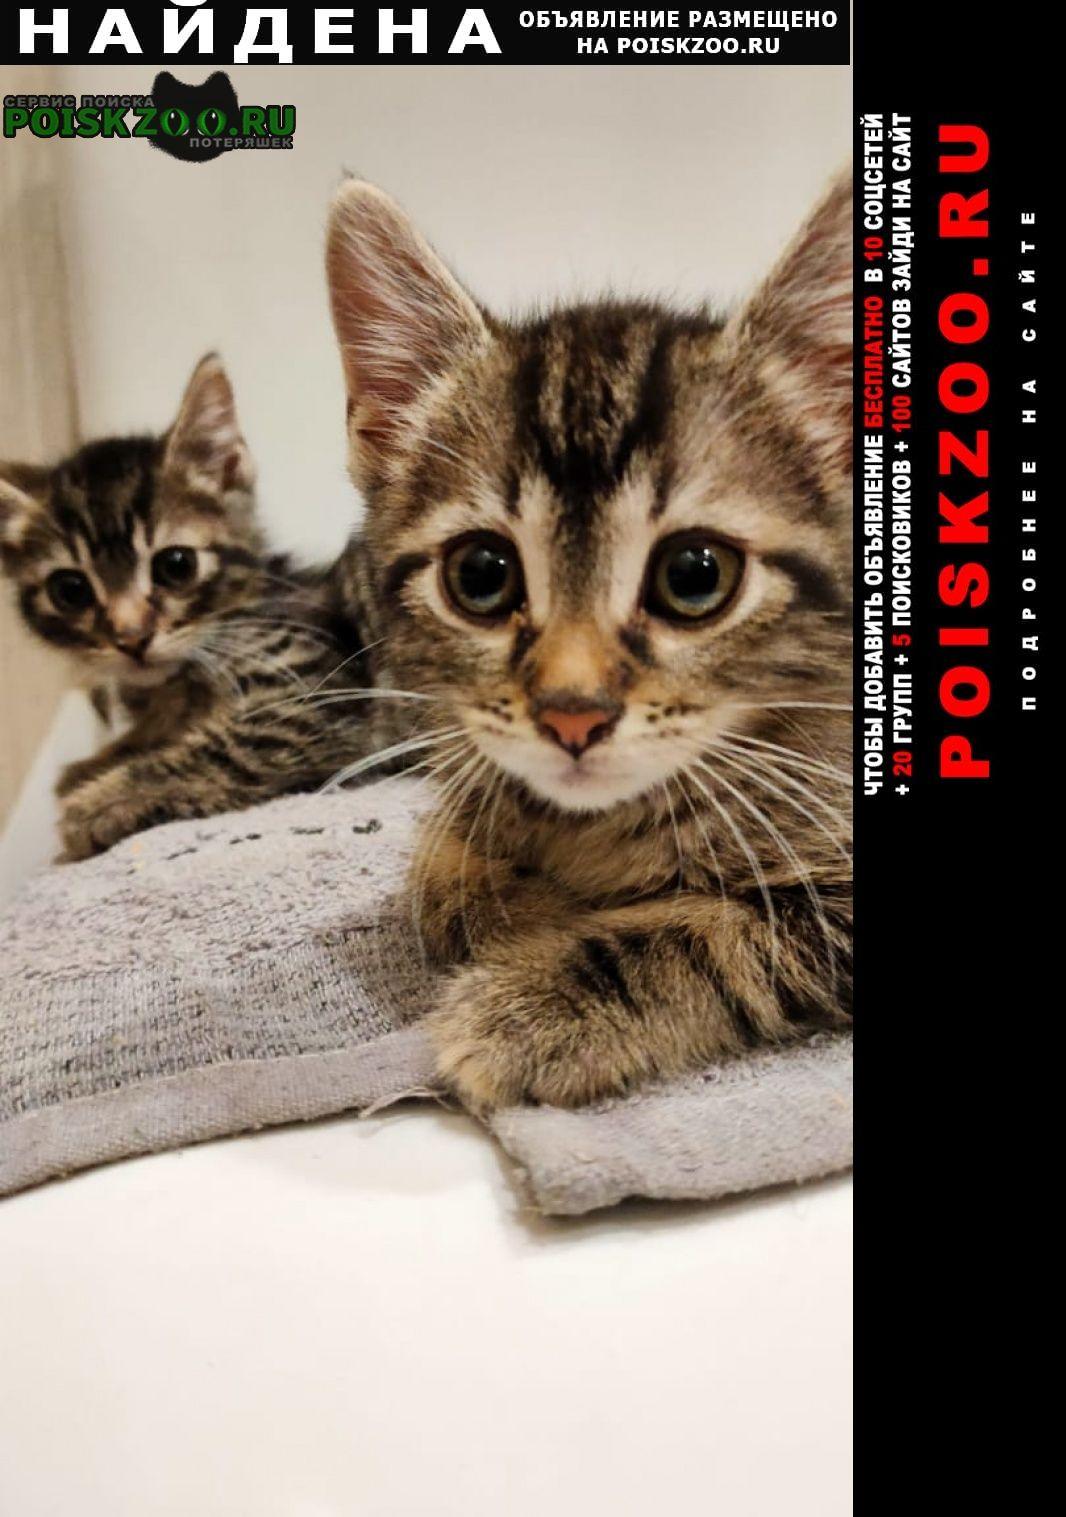 Найдена кошка котята ищут дом Краснодар